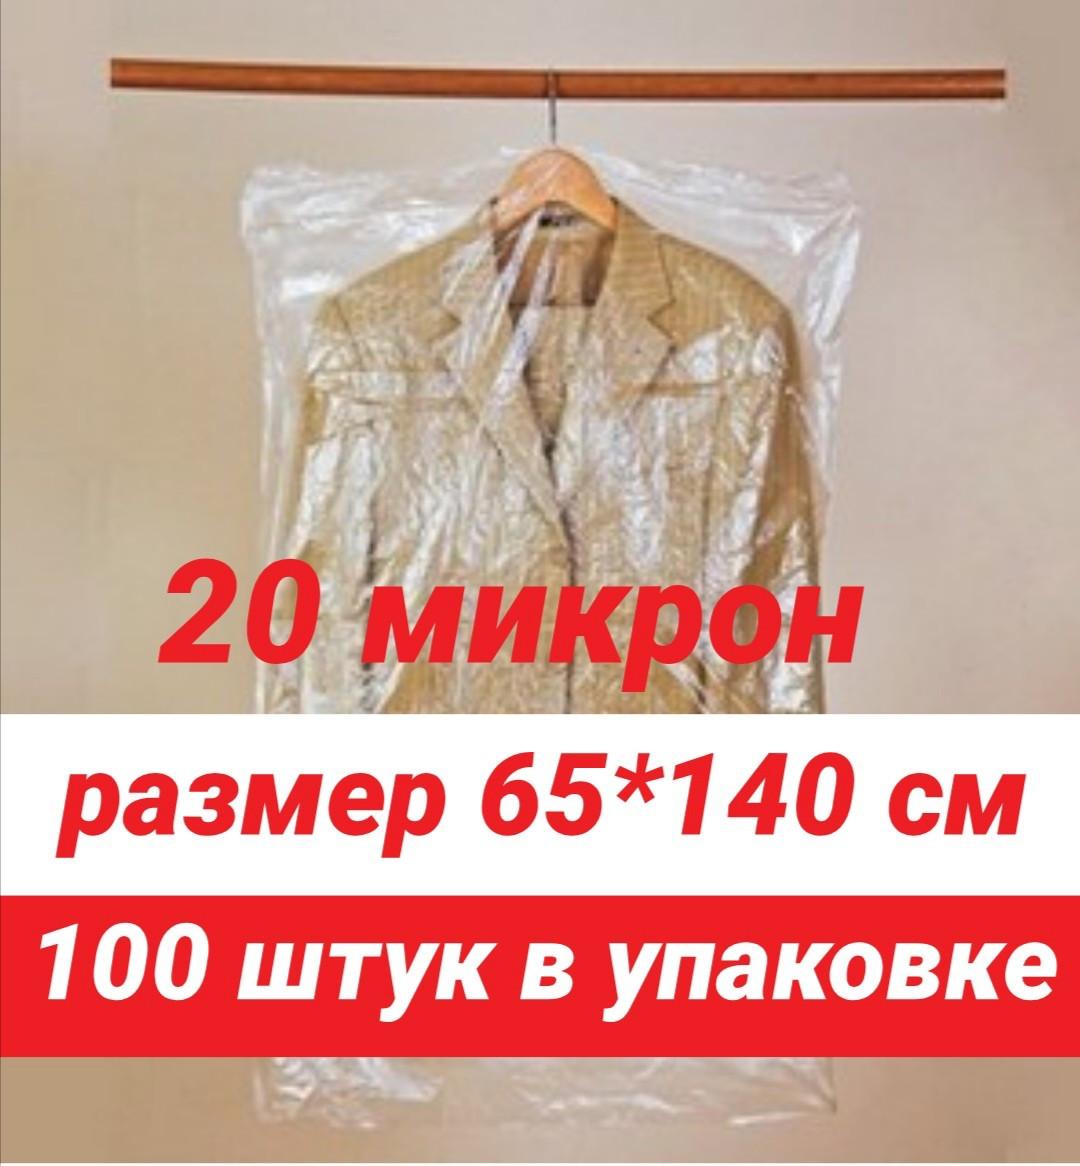 Размер 65*140 см, 100 шт в упаковке.Чехлы для одежды полиэтиленовые, толщина 20 микрон